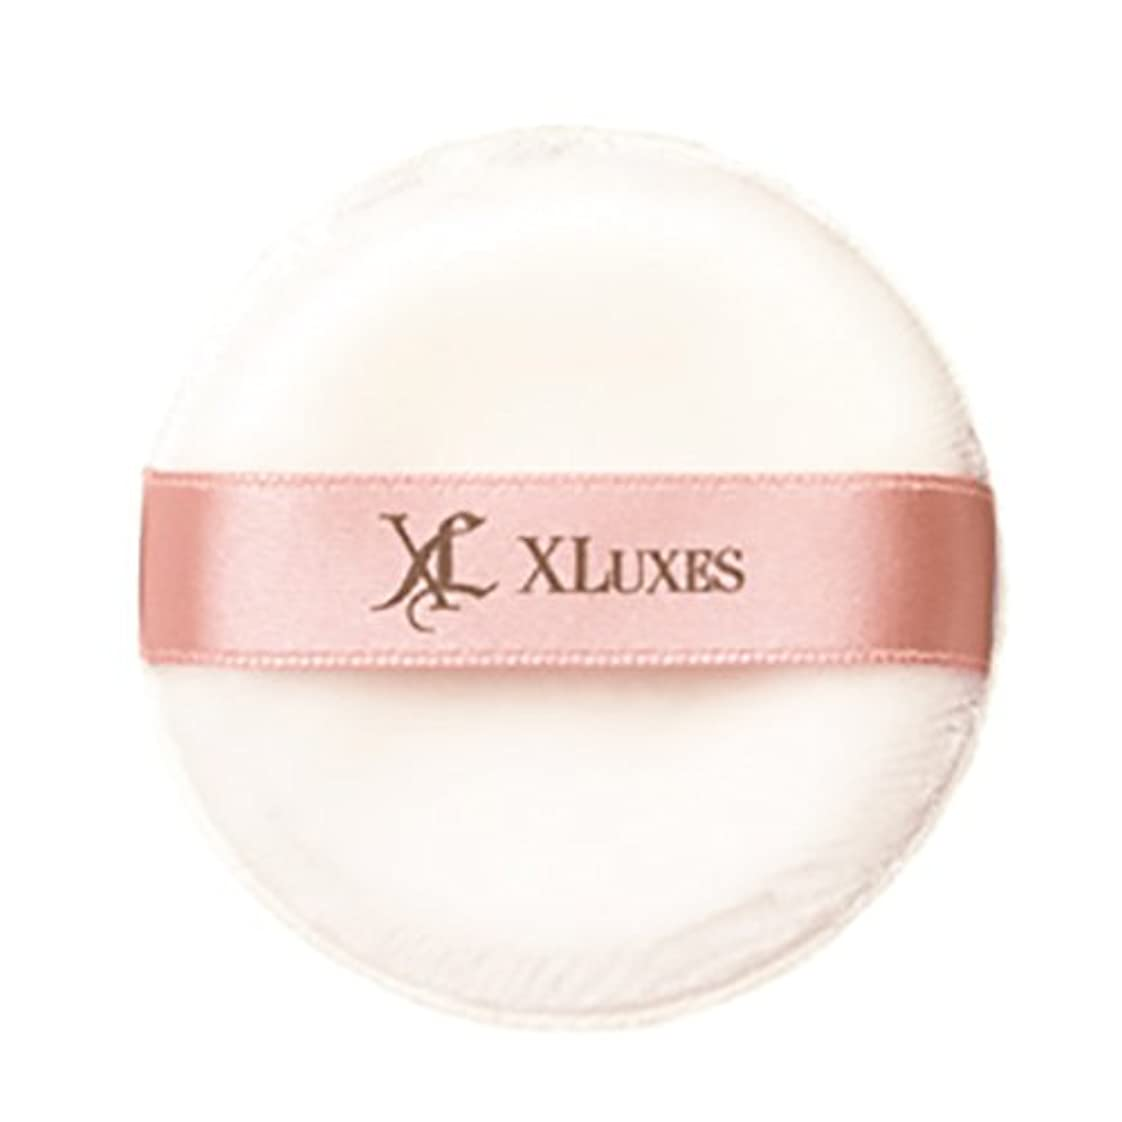 酸素キュービック個性XLUXES フェイスパウダー専用パフ (きめ細やかで柔らかい感触) プロケアビヨンド 1個入